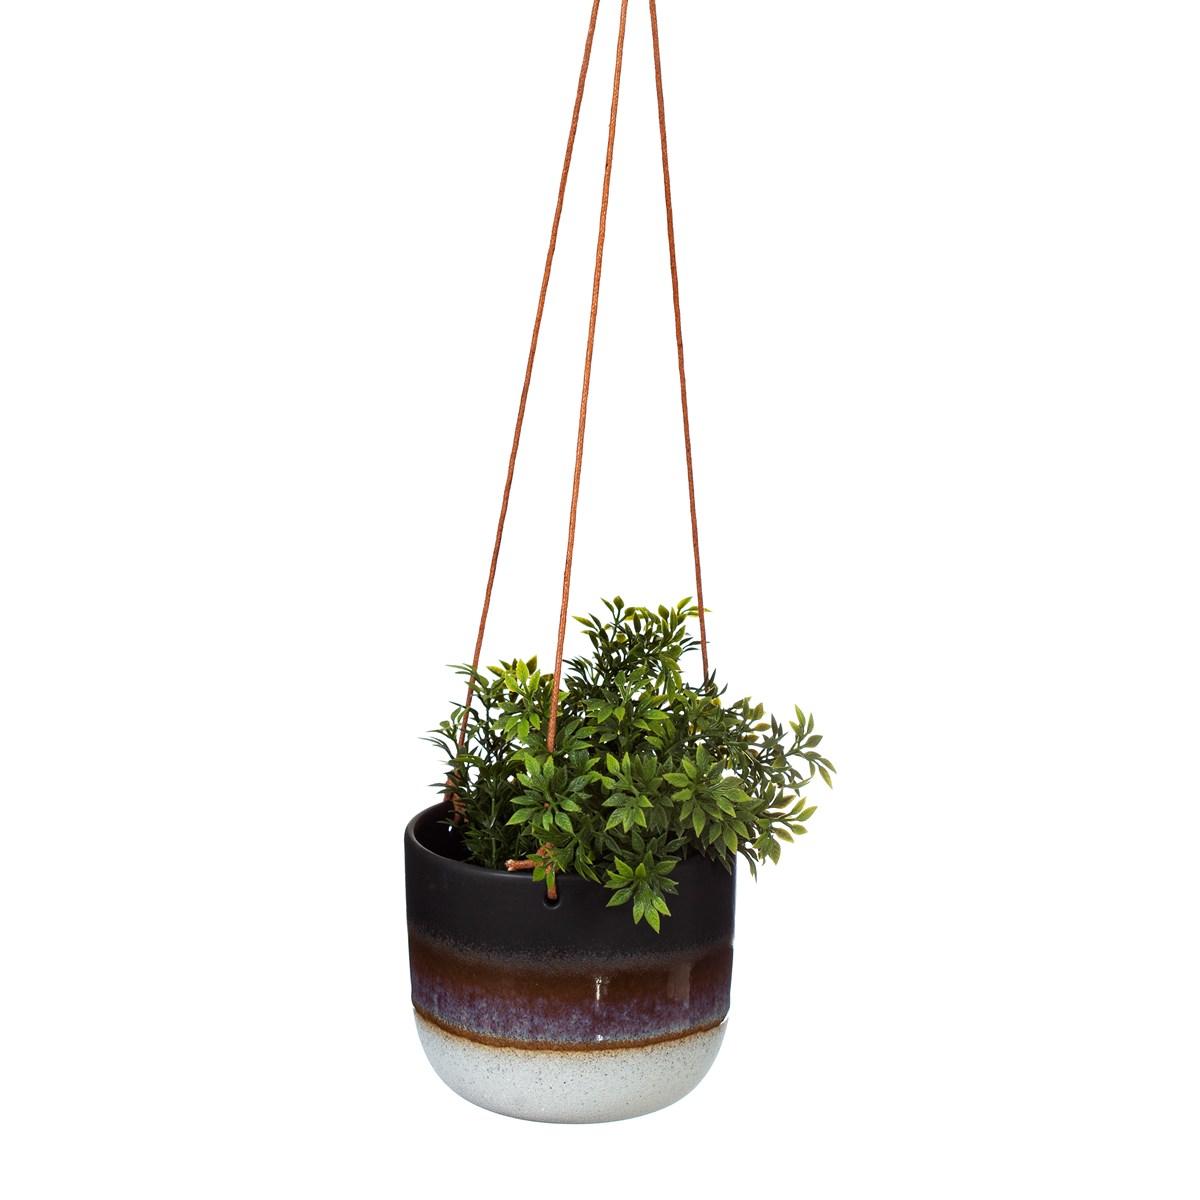 Hanging Planter - Black